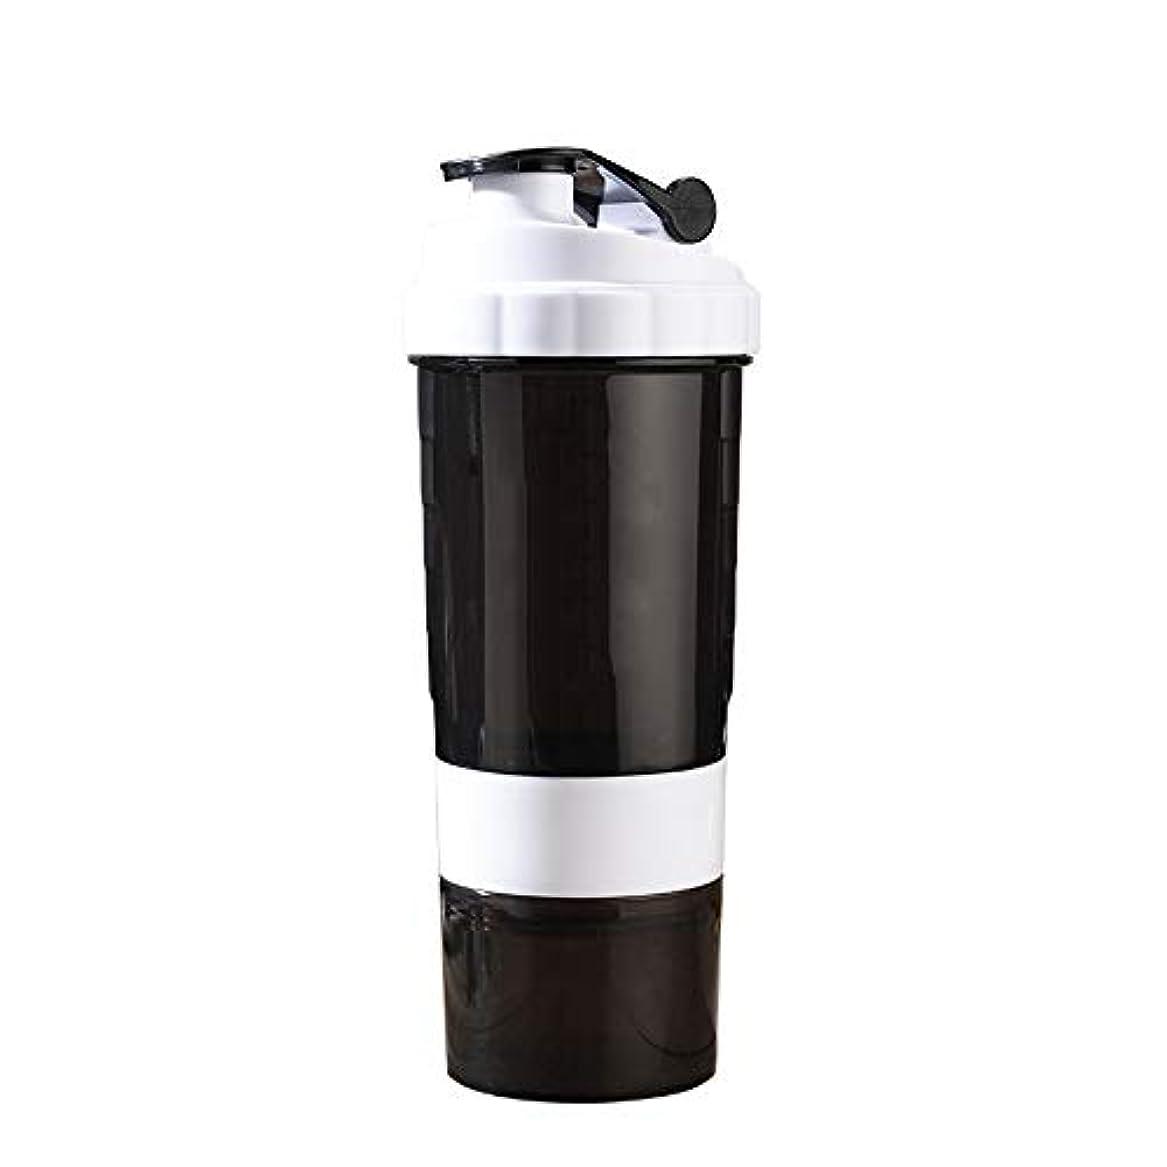 勧める彼一定ミルクセーキ シェイクカップフ[ 最新デザイン ] 多層タンパク質粉末 シェイクカップフ ィット ネススポ ーツウォーターボトル 旋風やかんミルク スケールティーカップ